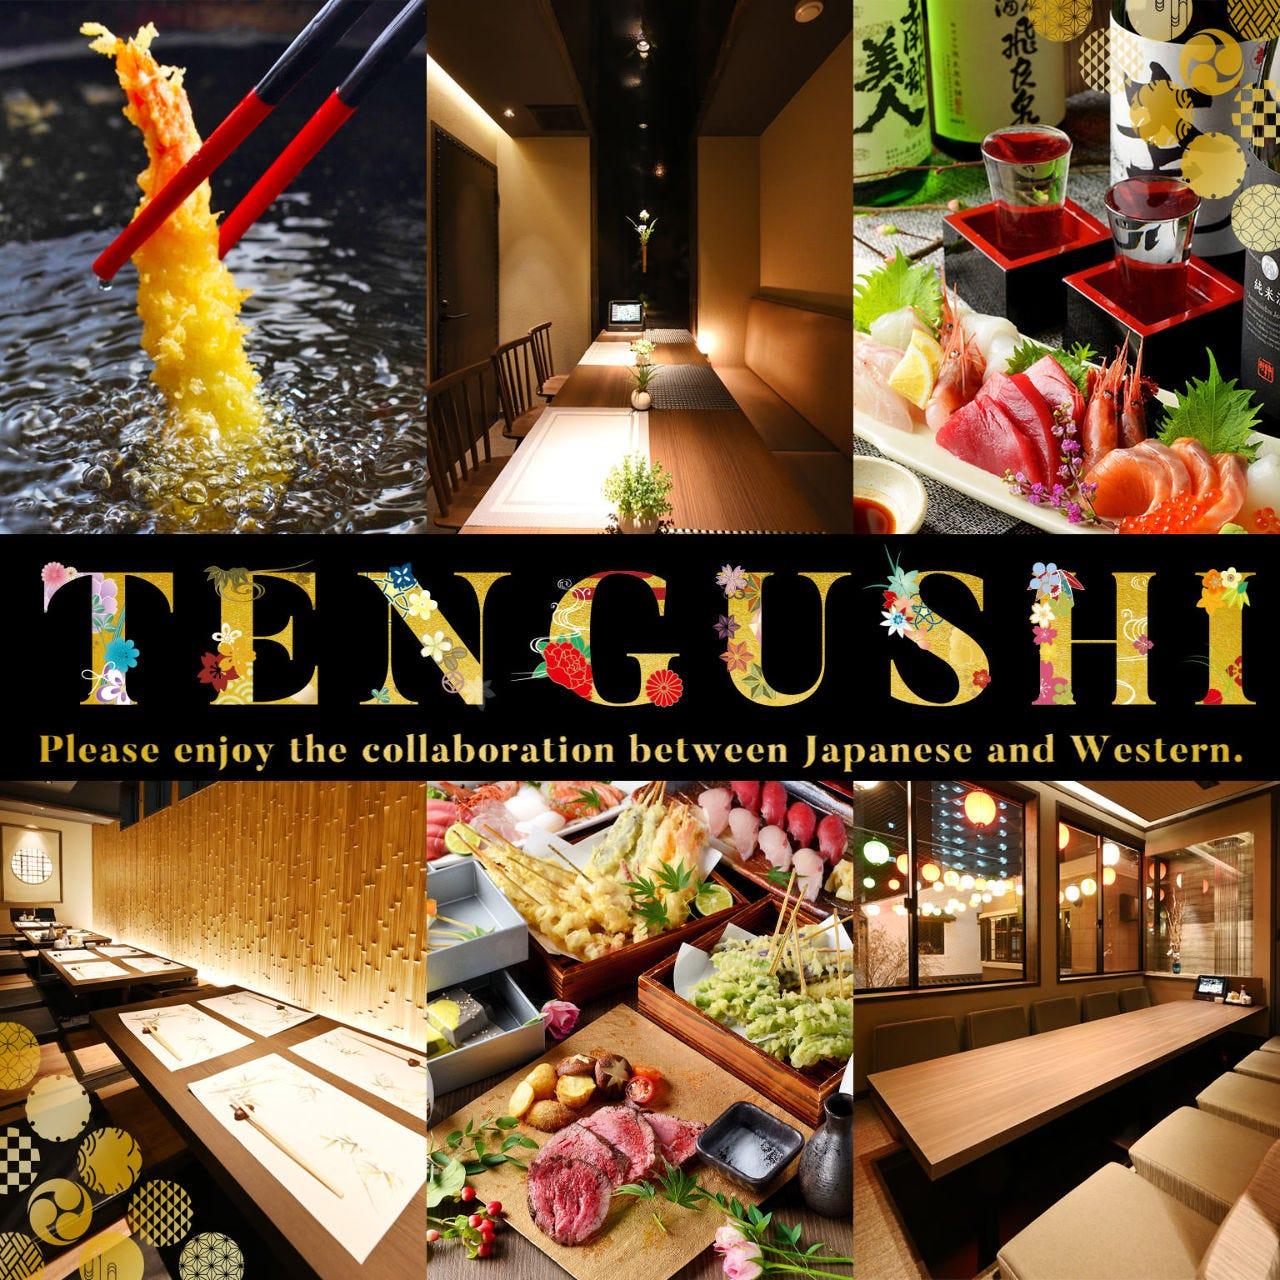 天ぷらとおでん 個室居酒屋 天串(TENGUSHI) 岐阜駅前店